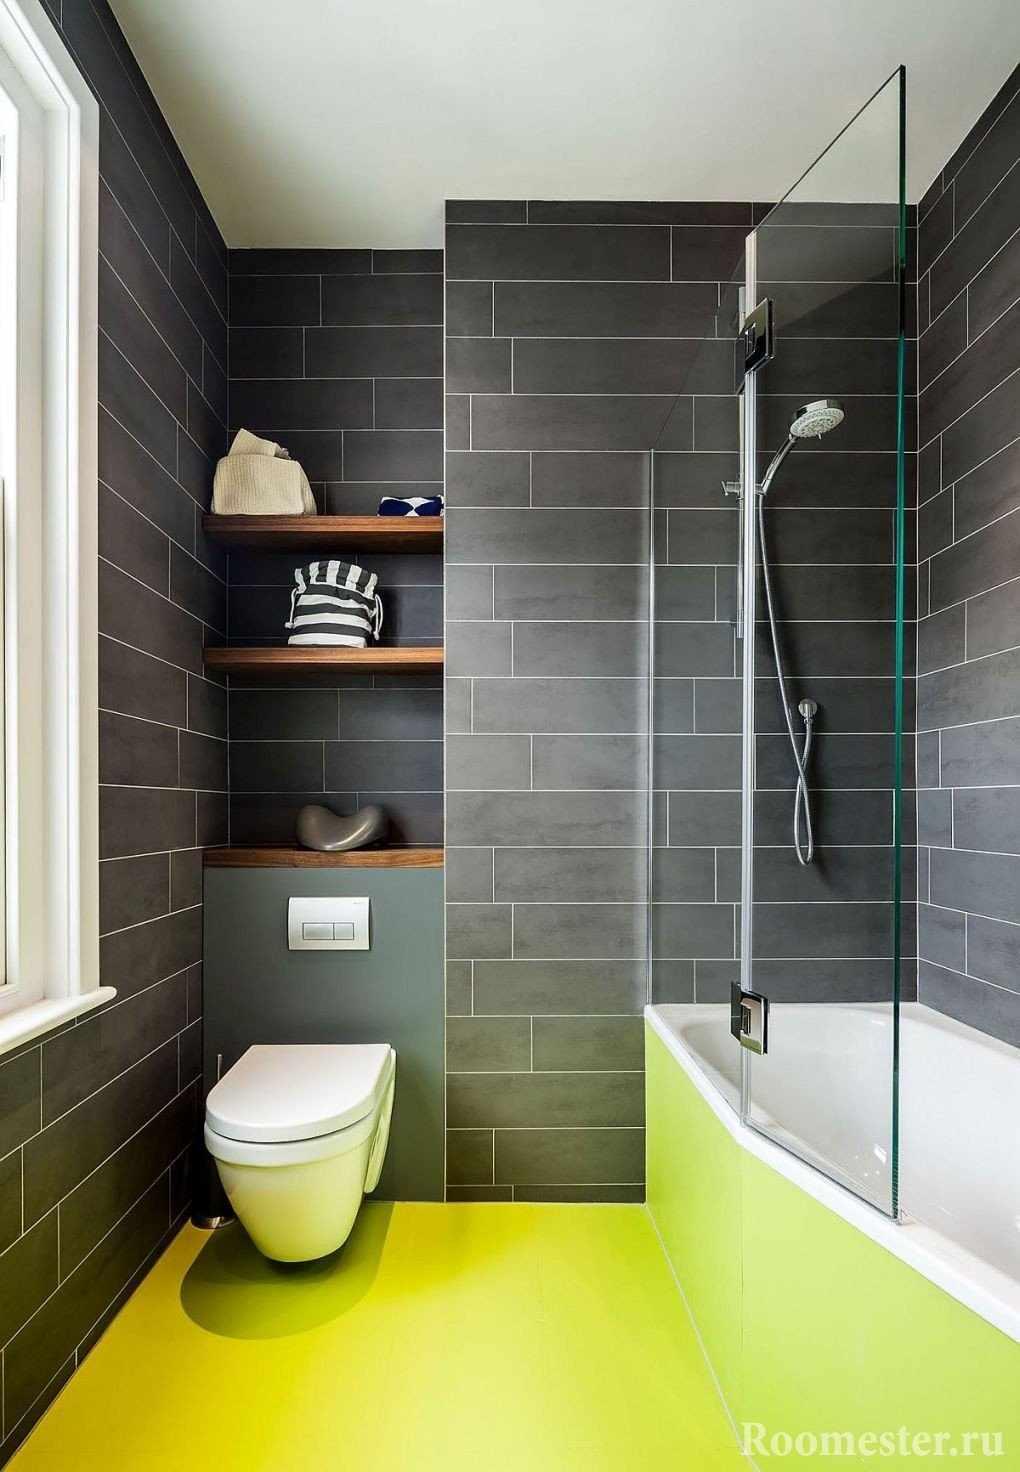 Черная плитка и лимонный пол в ванной